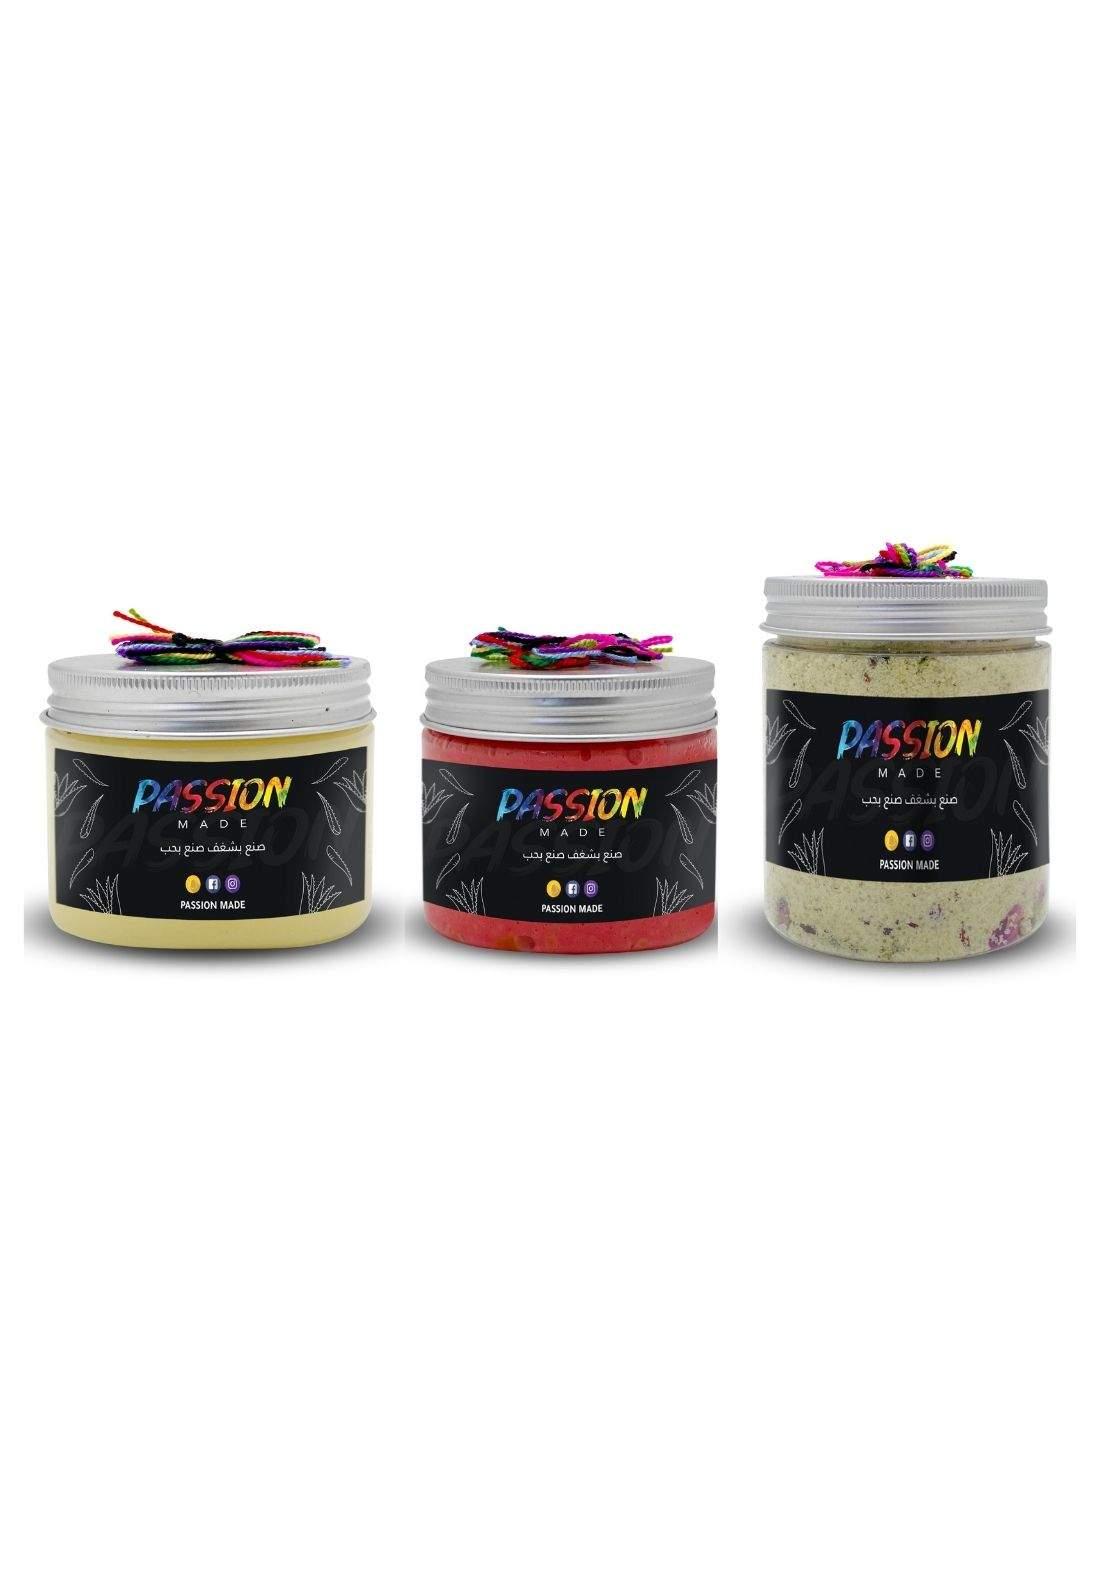 Passion Set of Foot Cream & Effervescent Foot Salts & Heavy Medicated Foot Moisturizer مجموعة العناية بالقدم